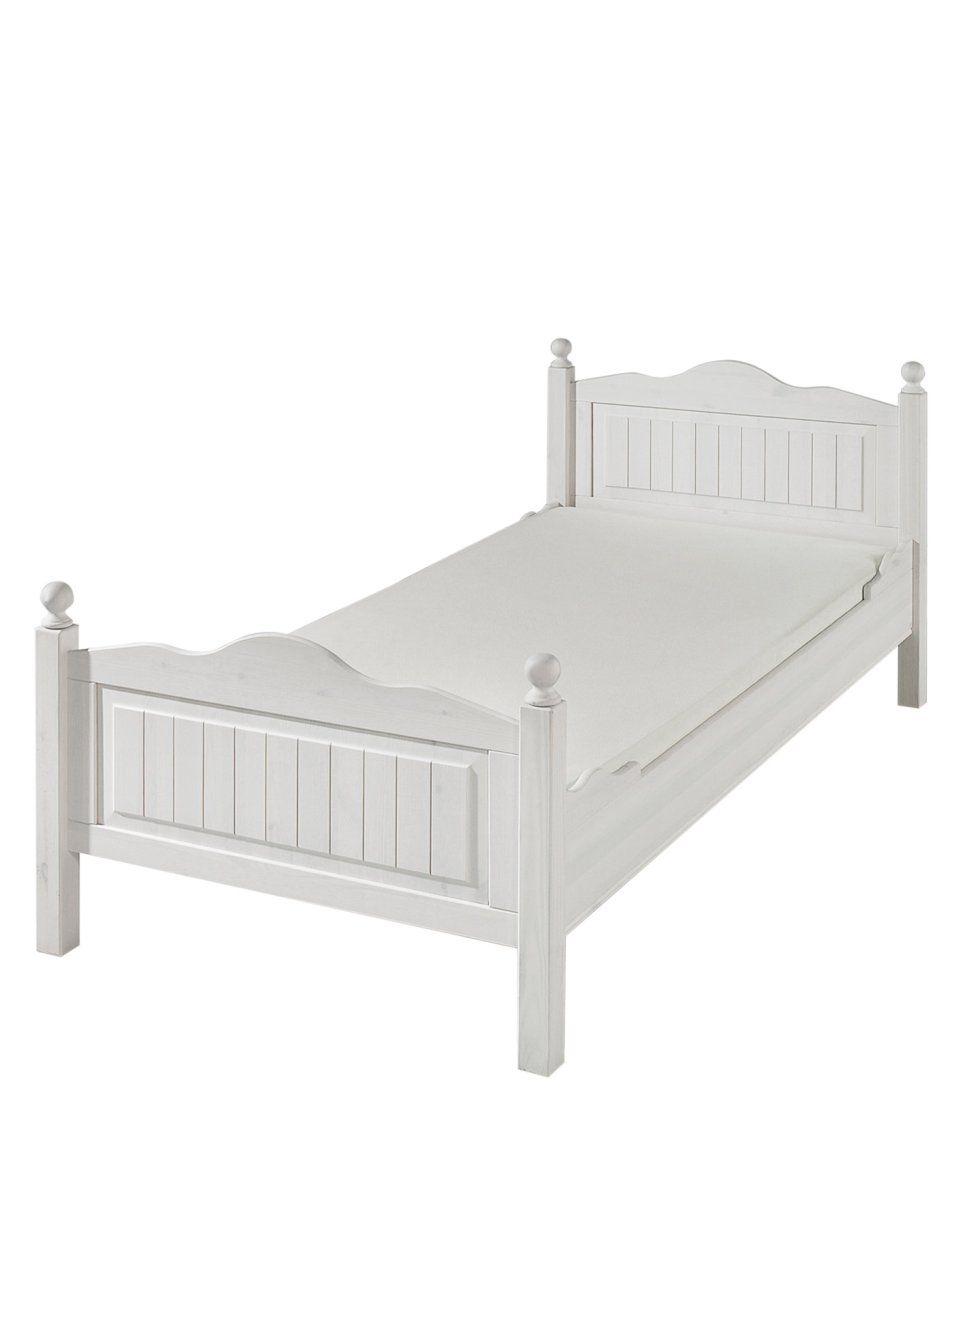 Bett, Liegefläche 90x200 cm Einzelbett, Bett und Bett 90x200